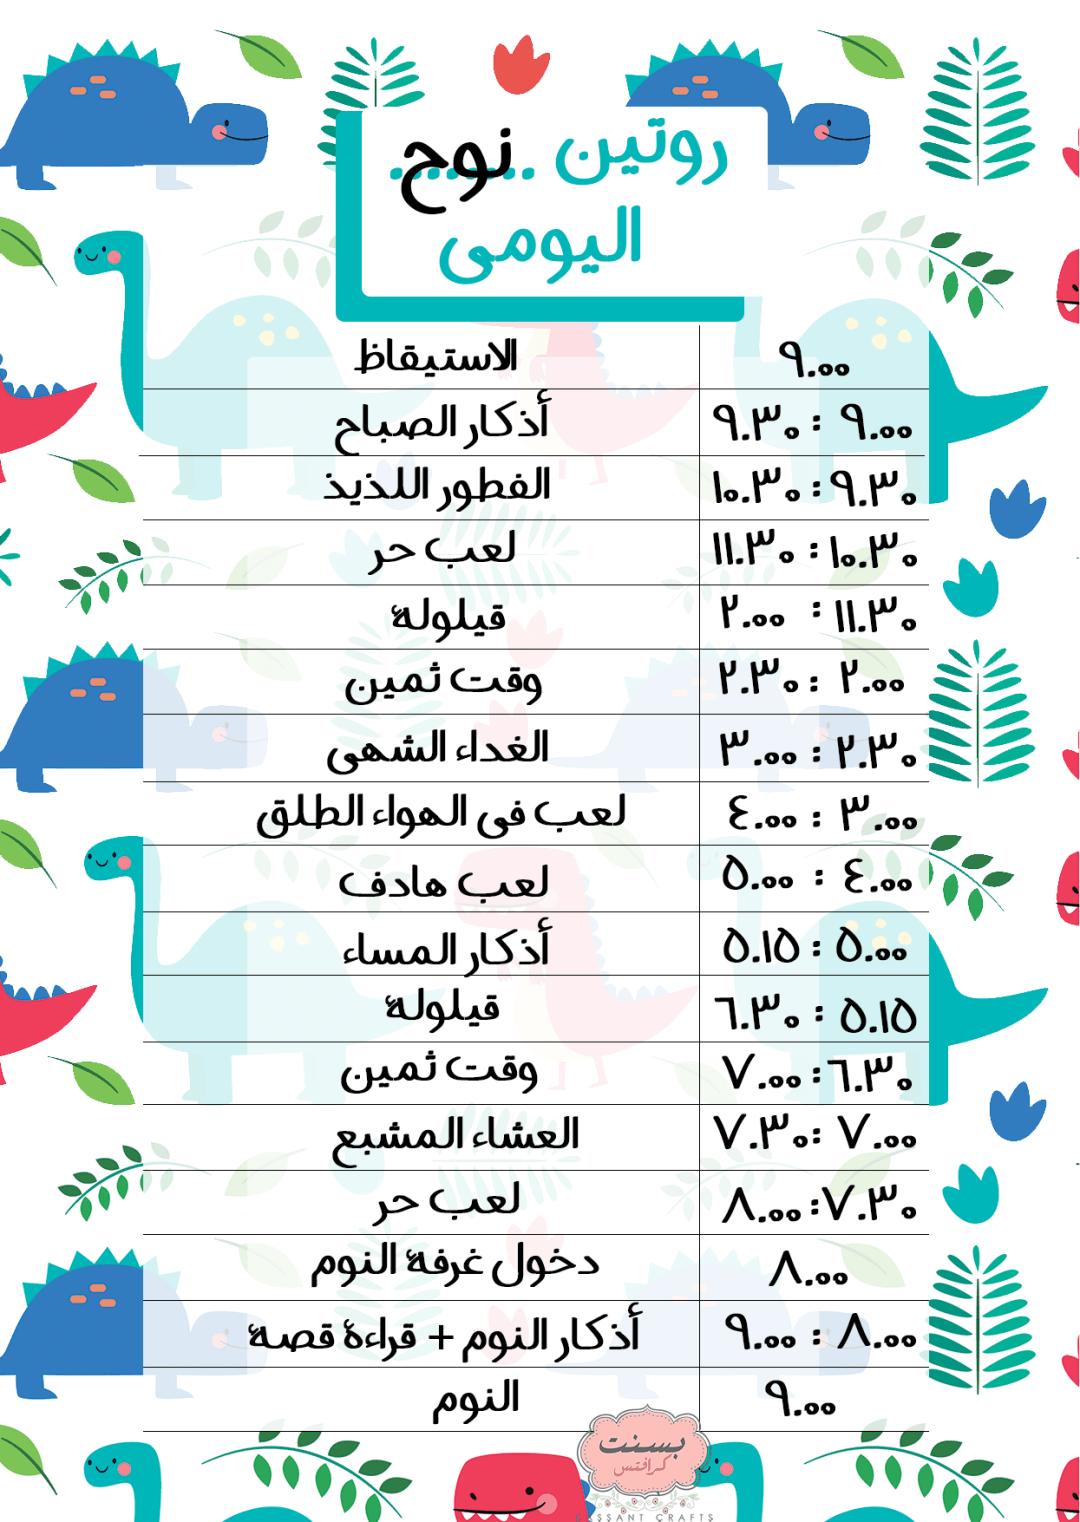 روتين طفلي اليومي ماهي نشاطات طفلي كل يوم مطبوعات مجانية Bassant S Crafts Muslim Kids Activities Life Skills Activities Kids Education